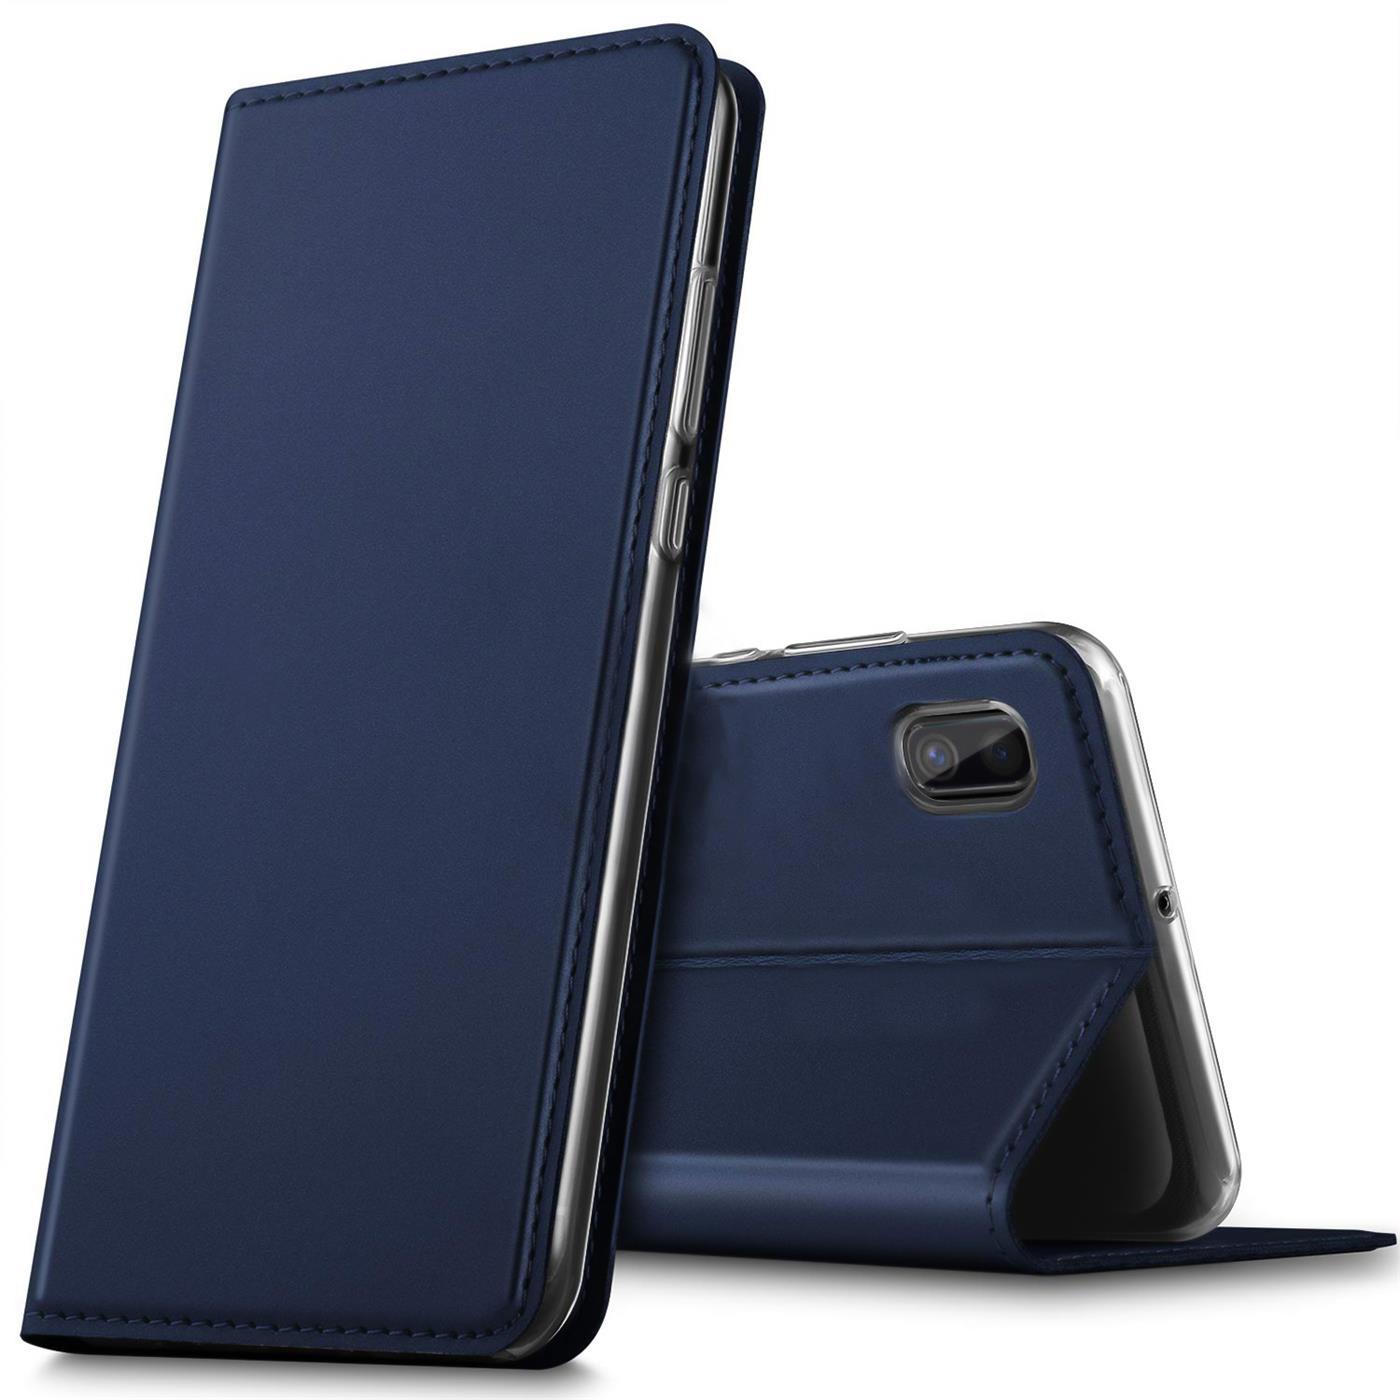 Samsung-Galaxy-A10-Handy-Schutz-Huelle-Tasche-Flip-Case-Klapphuelle-Schutzhuelle Indexbild 12